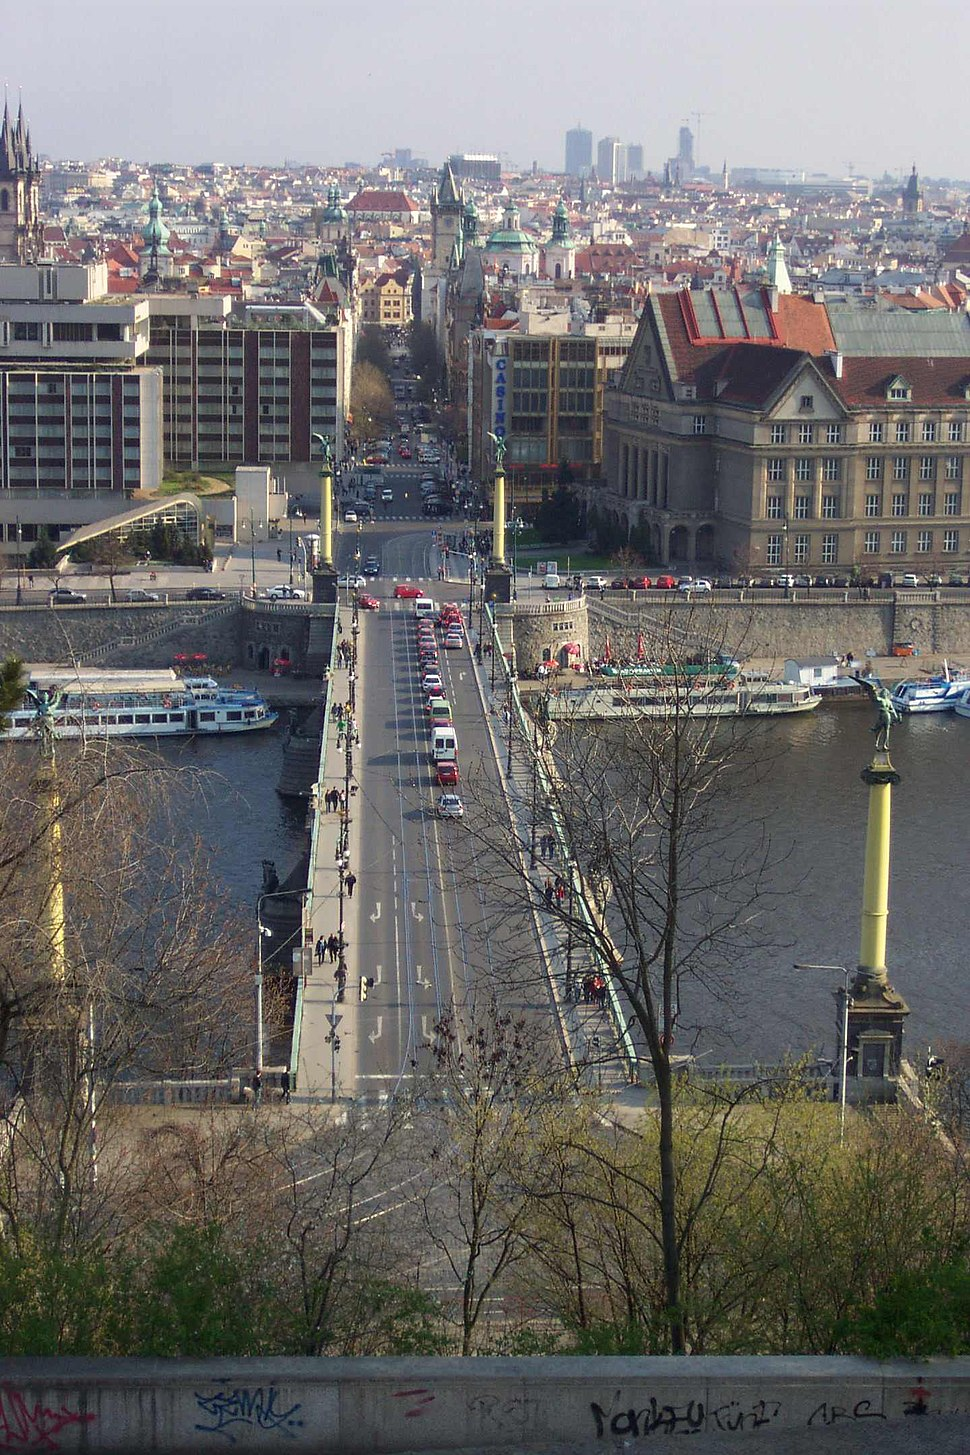 Praha, Letn%C3%A1, pohled na Pa%C5%99%C3%AD%C5%BEskou ulici